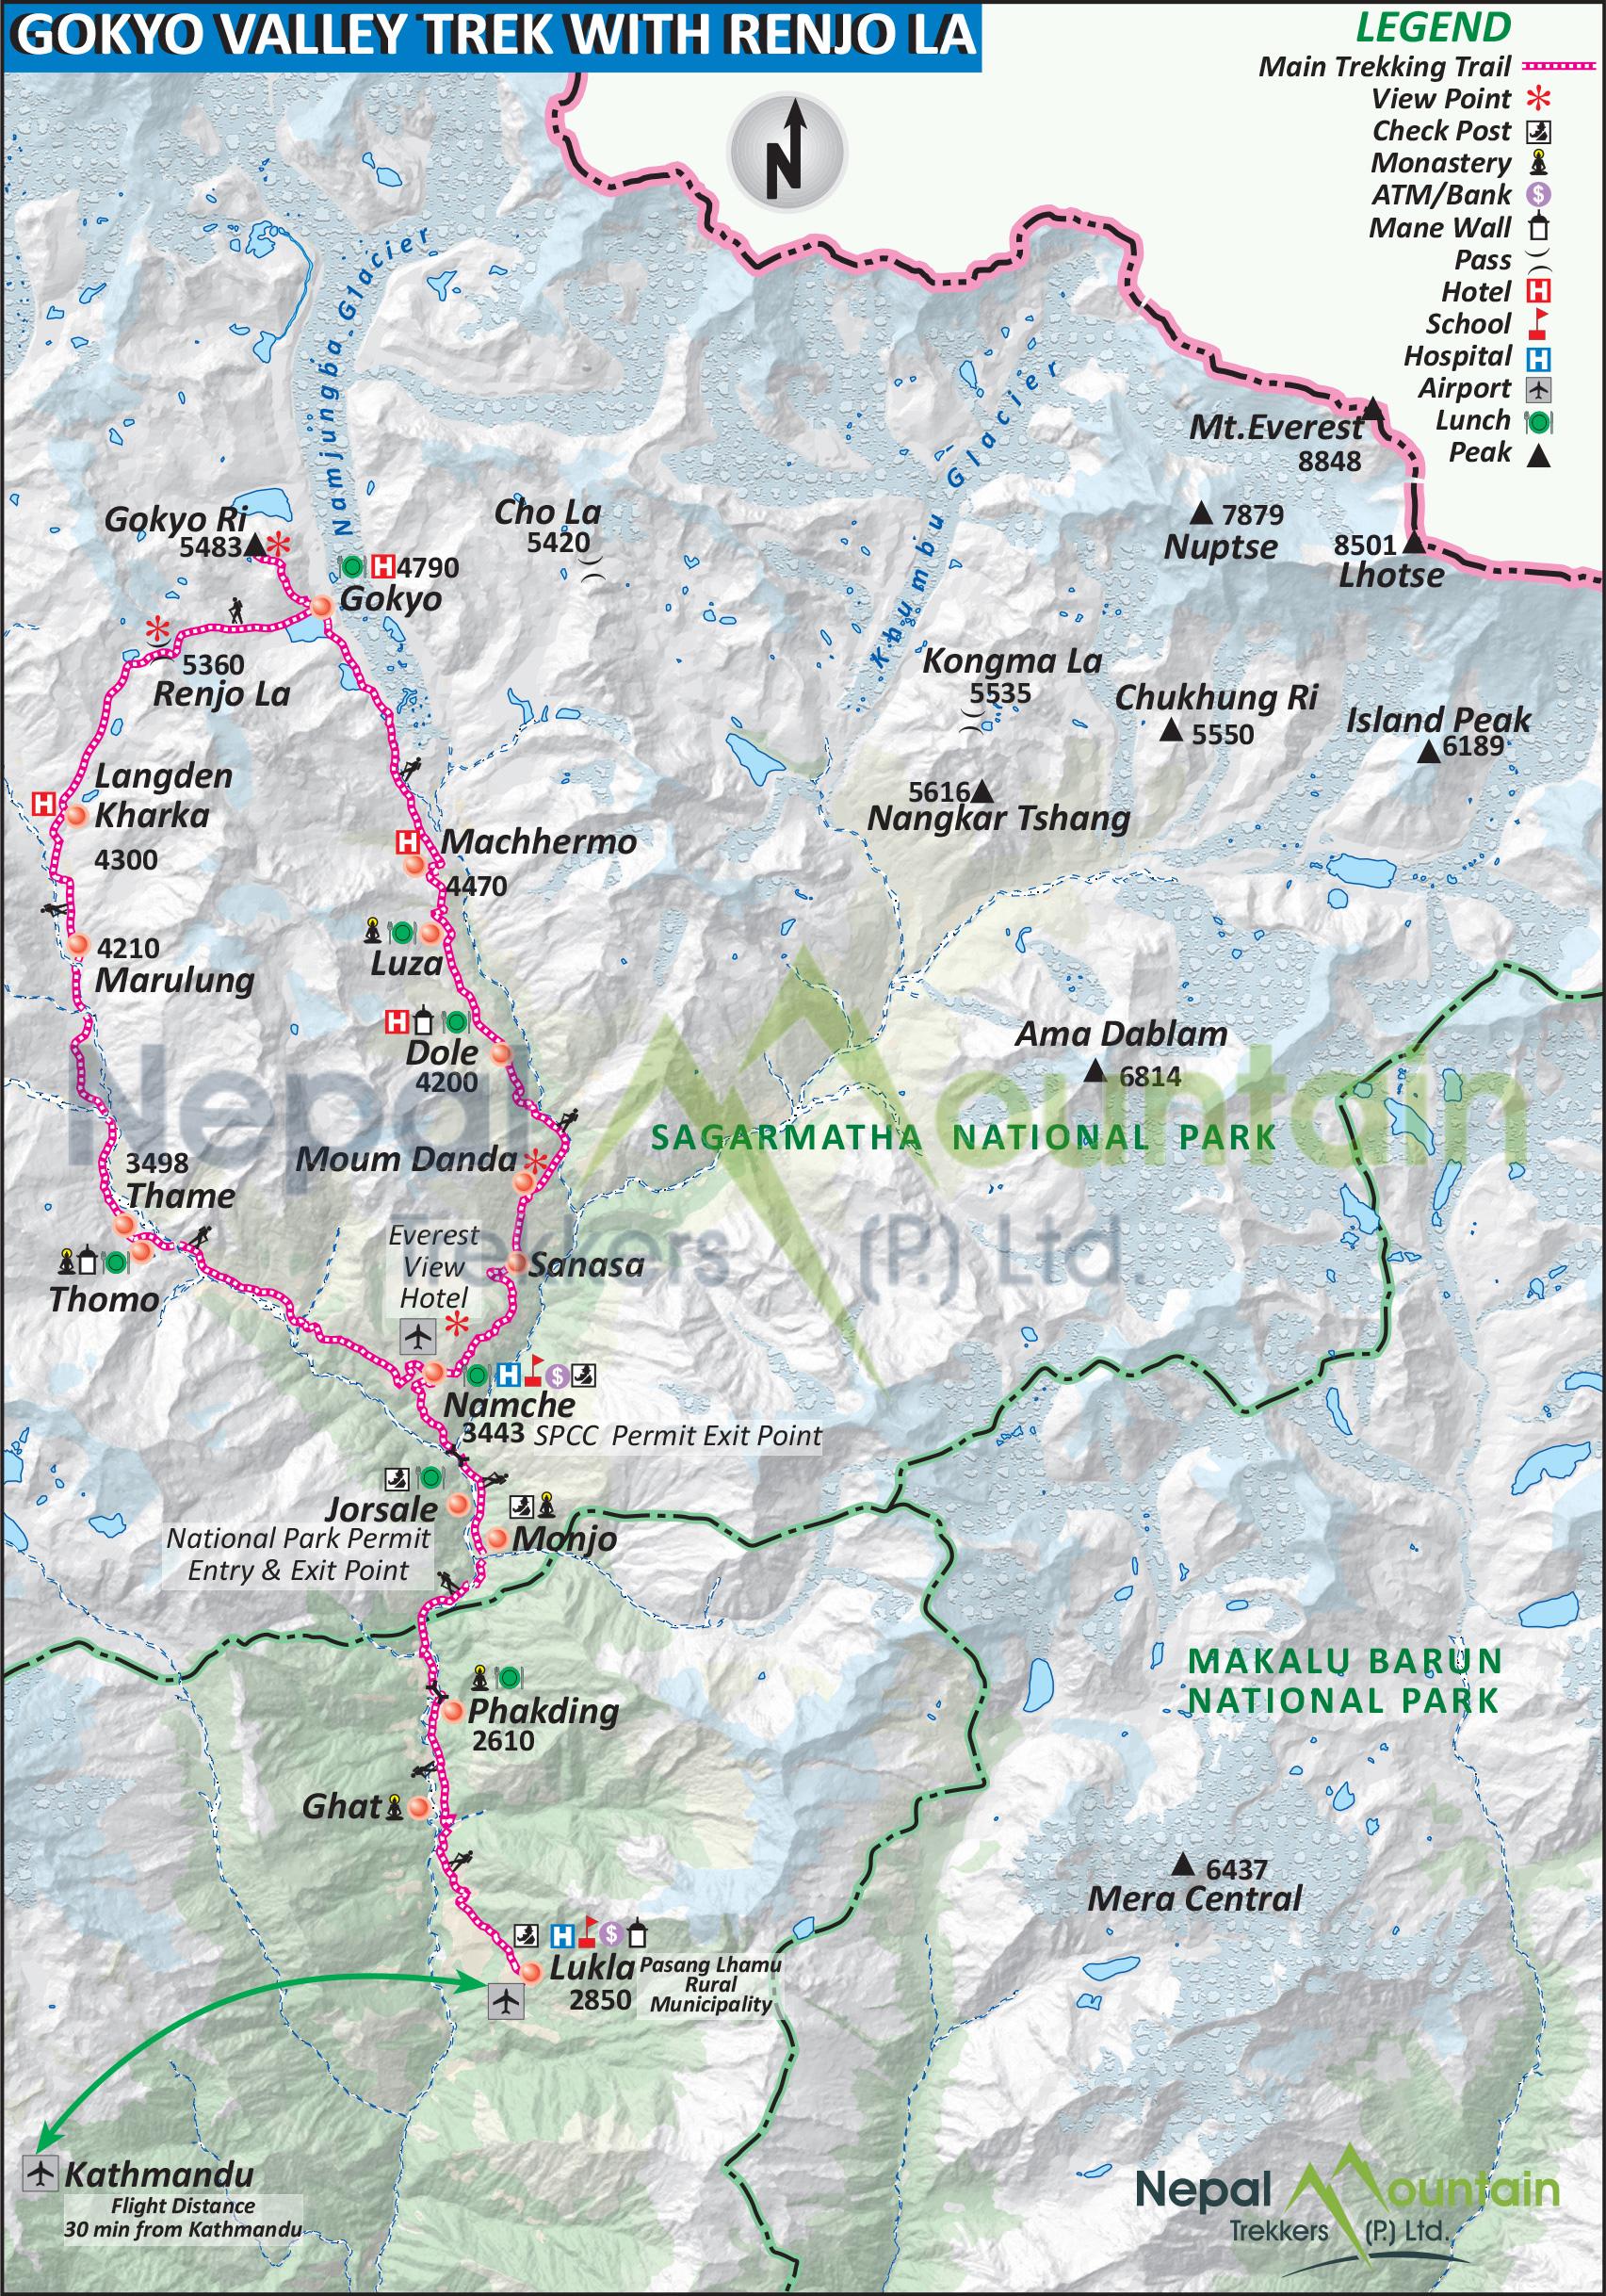 map of Gokyo Valley Trek with Renjo La Pass